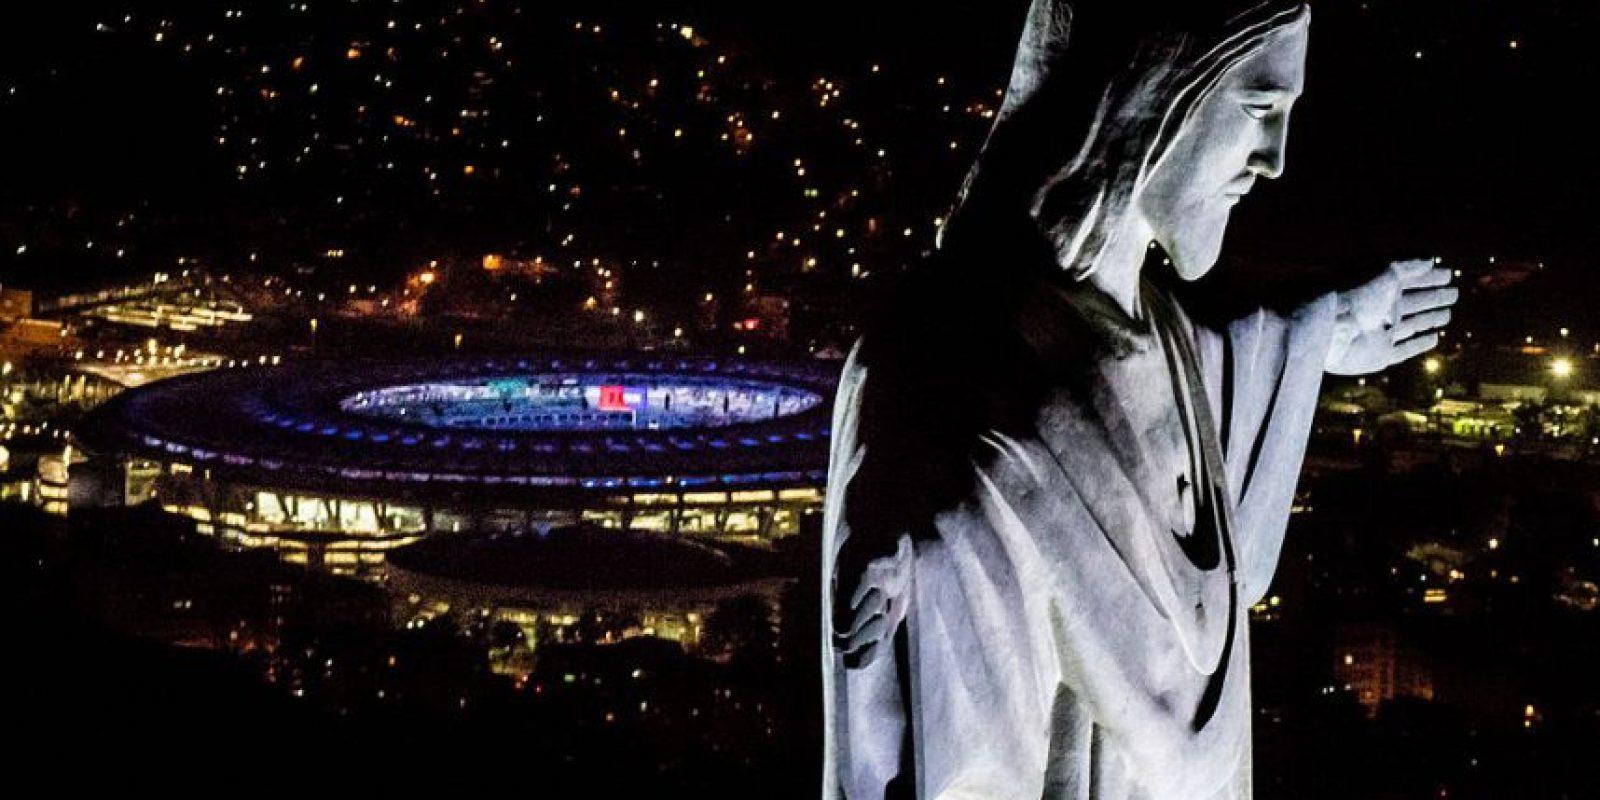 Este viernes 5 de agosto se realizará la inauguraicón de los Juegos Olímpicos de Río 2016 Foto:Getty Images